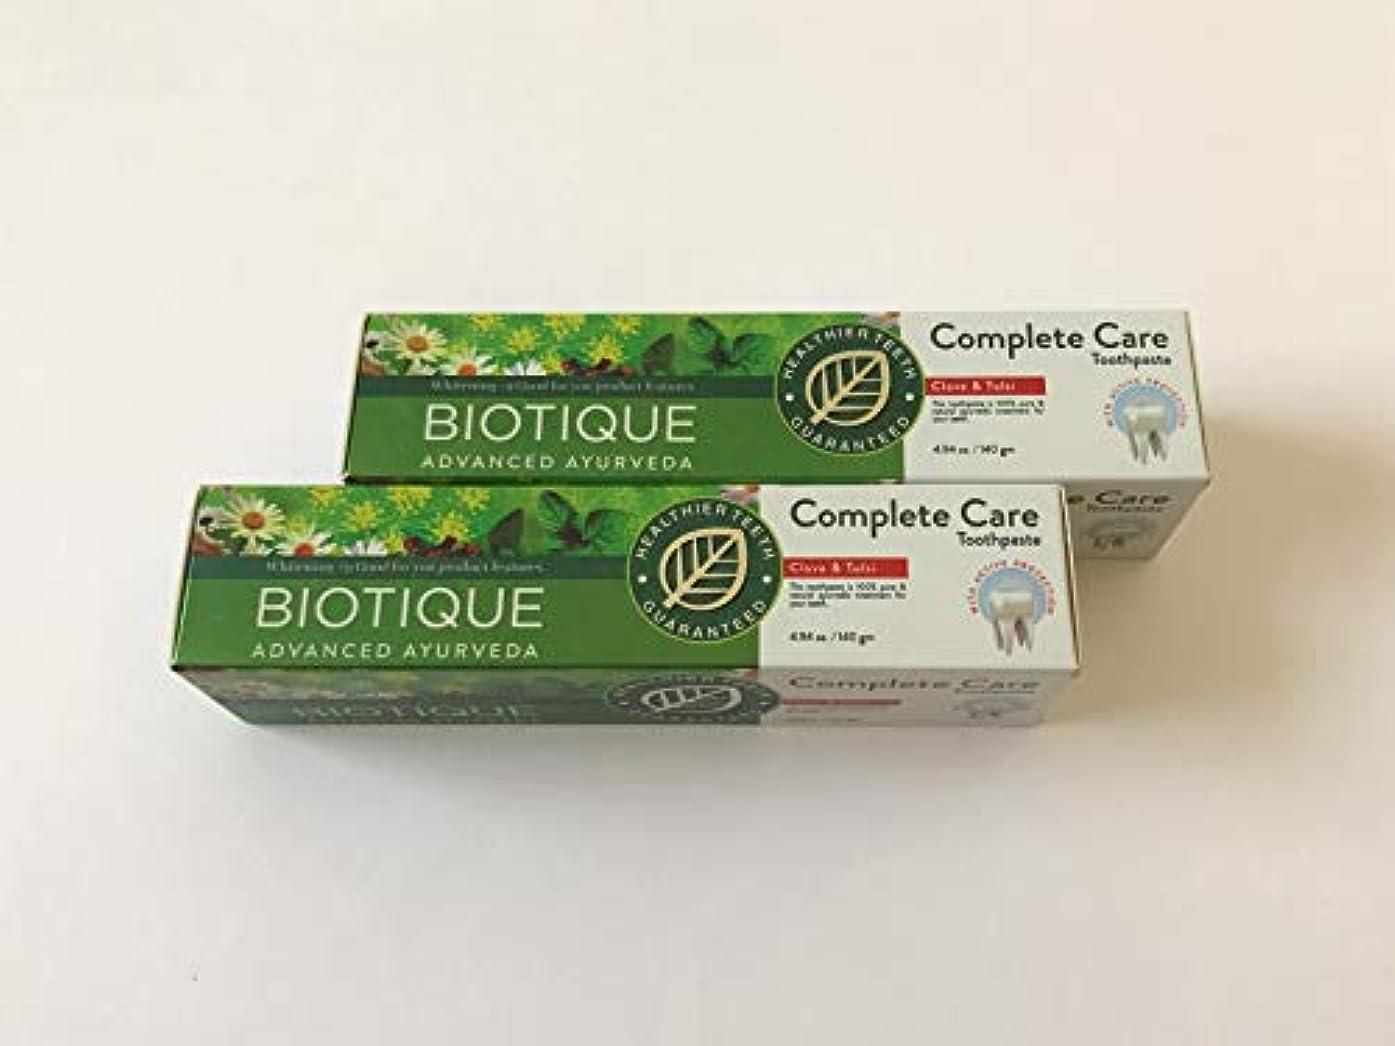 階層報酬の陰気バイオティーク アーユルヴェーダ コンプリートケア 歯磨き粉 140g 2本セット(箱あり)